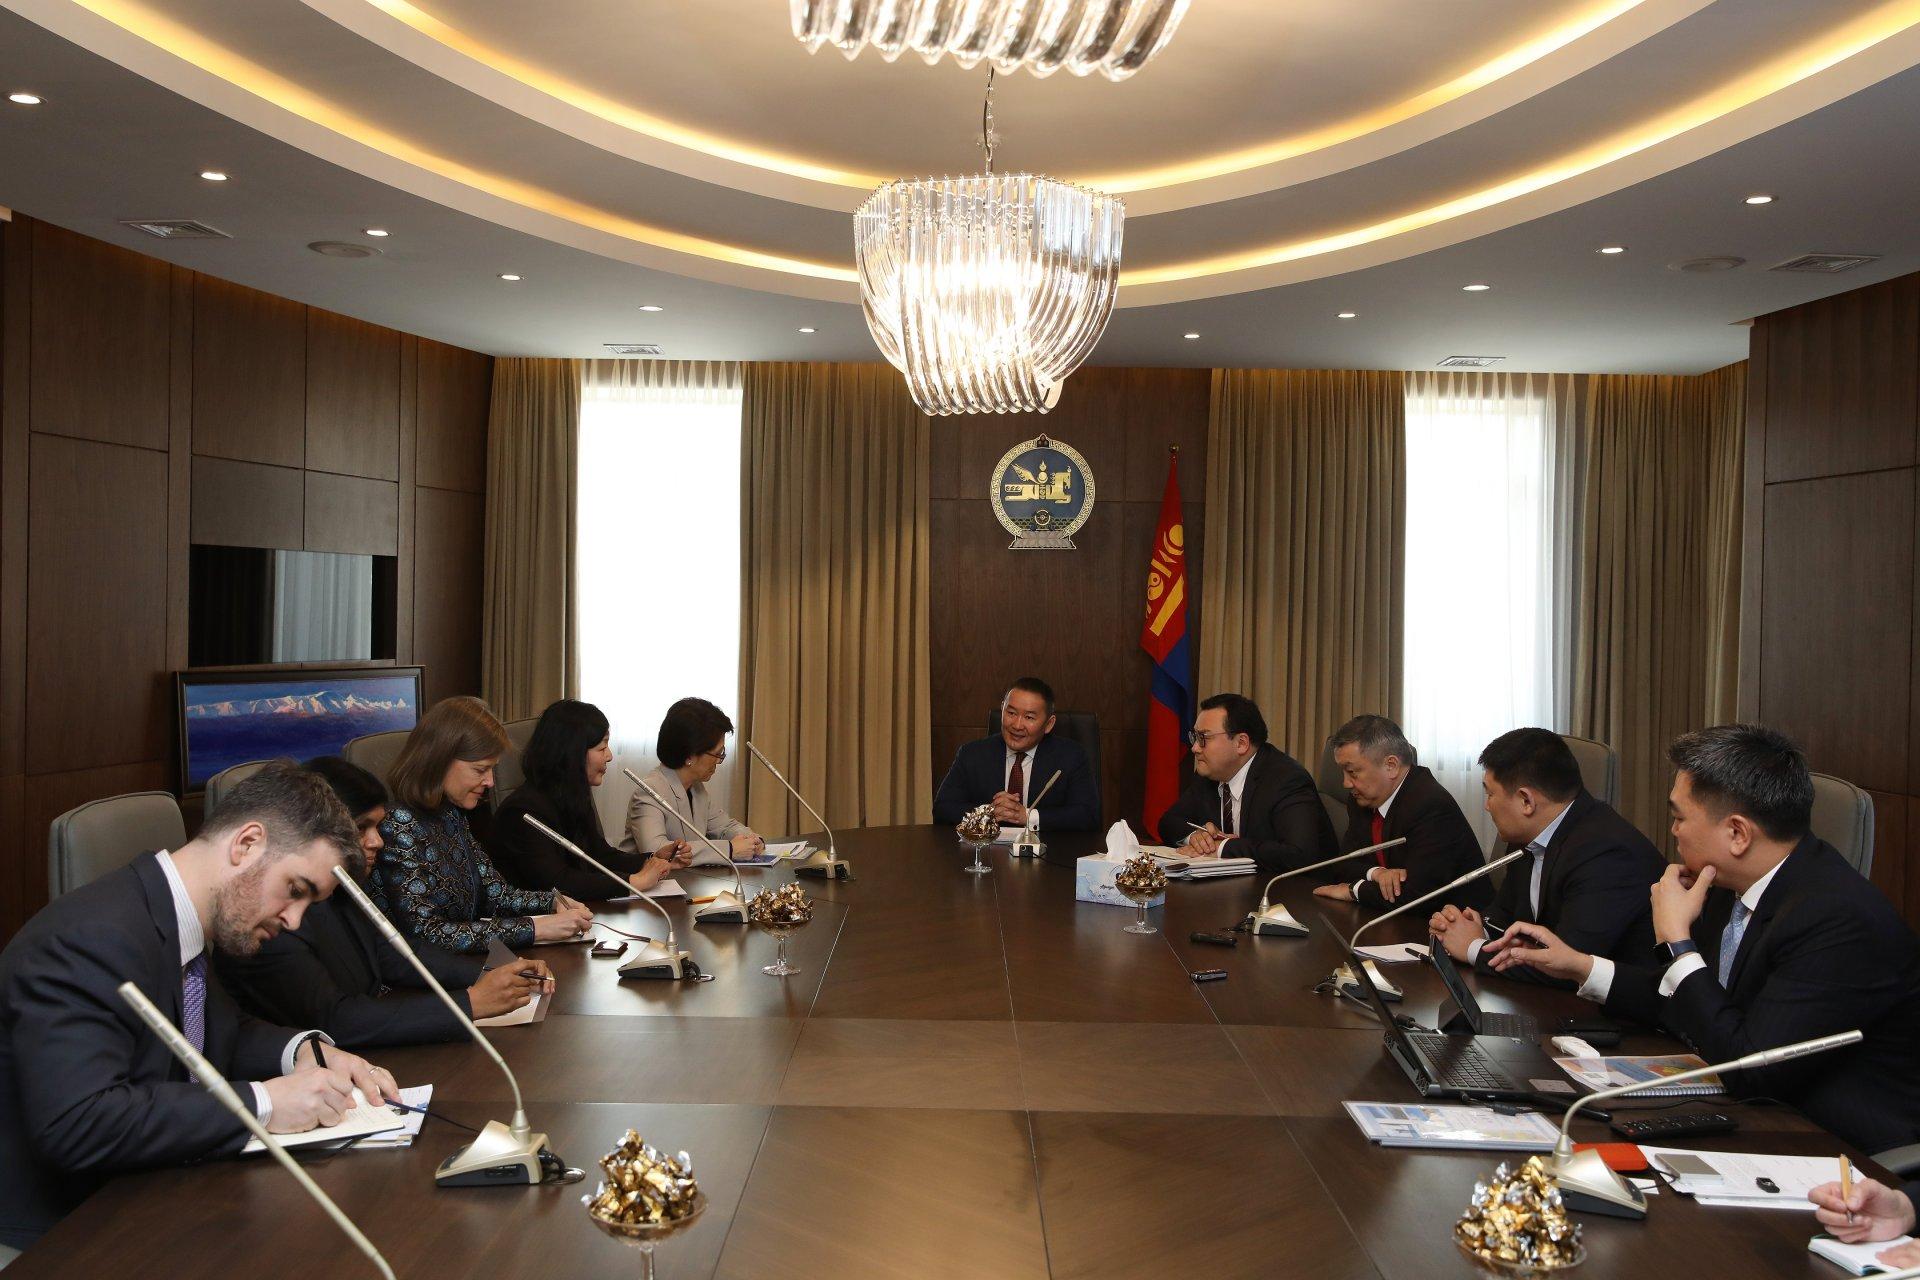 Монгол Улсын Ерөнхийлөгч Х.Баттулга Азийн хөгжлийн банкны төлөөлөгчдийг хүлээн авч уулзав